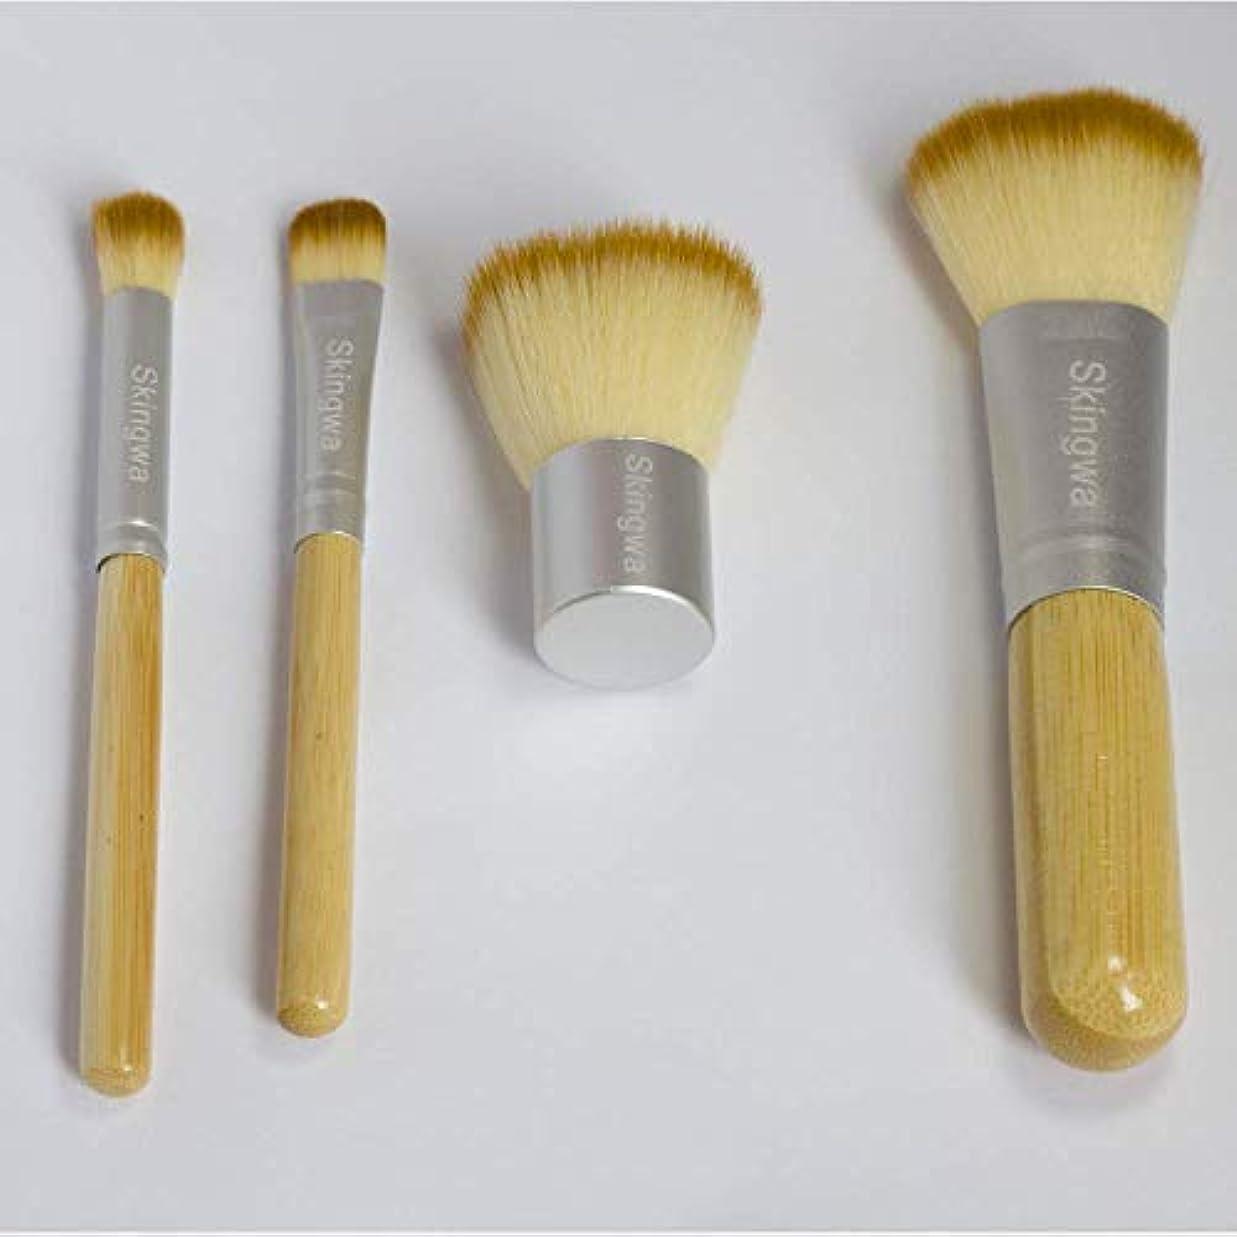 導体ためらう週末Skingwa 化粧 ブラシ メイクアップ ブラシ セット